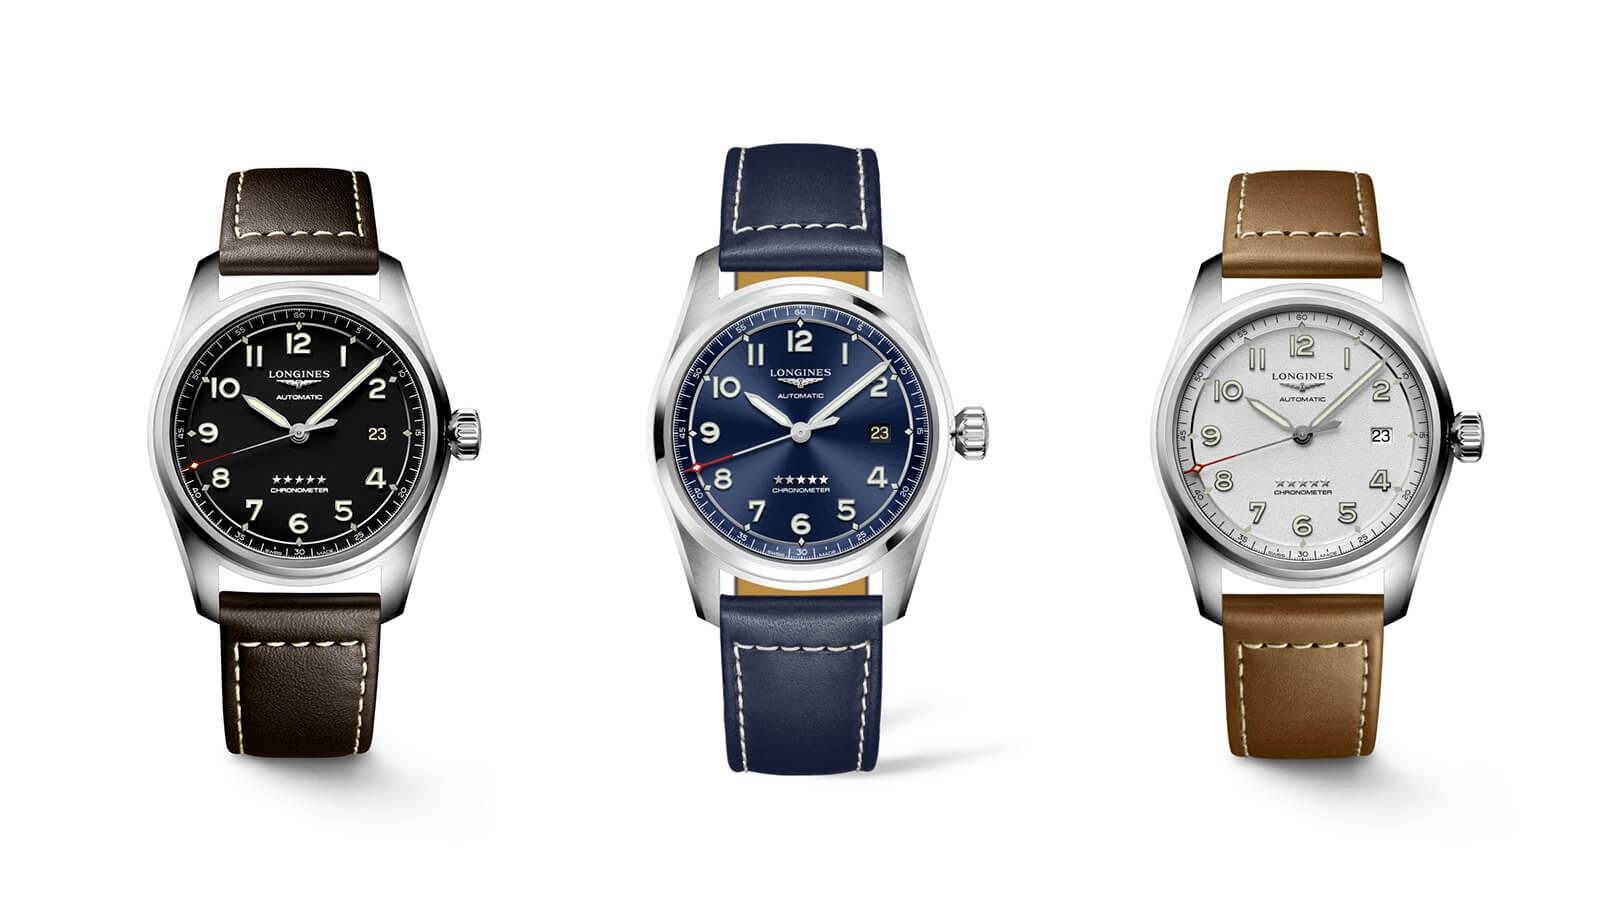 Die Spirit Automatic Modelle von Longines in den drei unterschiedlichen Zifferblattfarben: Schwarz, Blau, Weiß